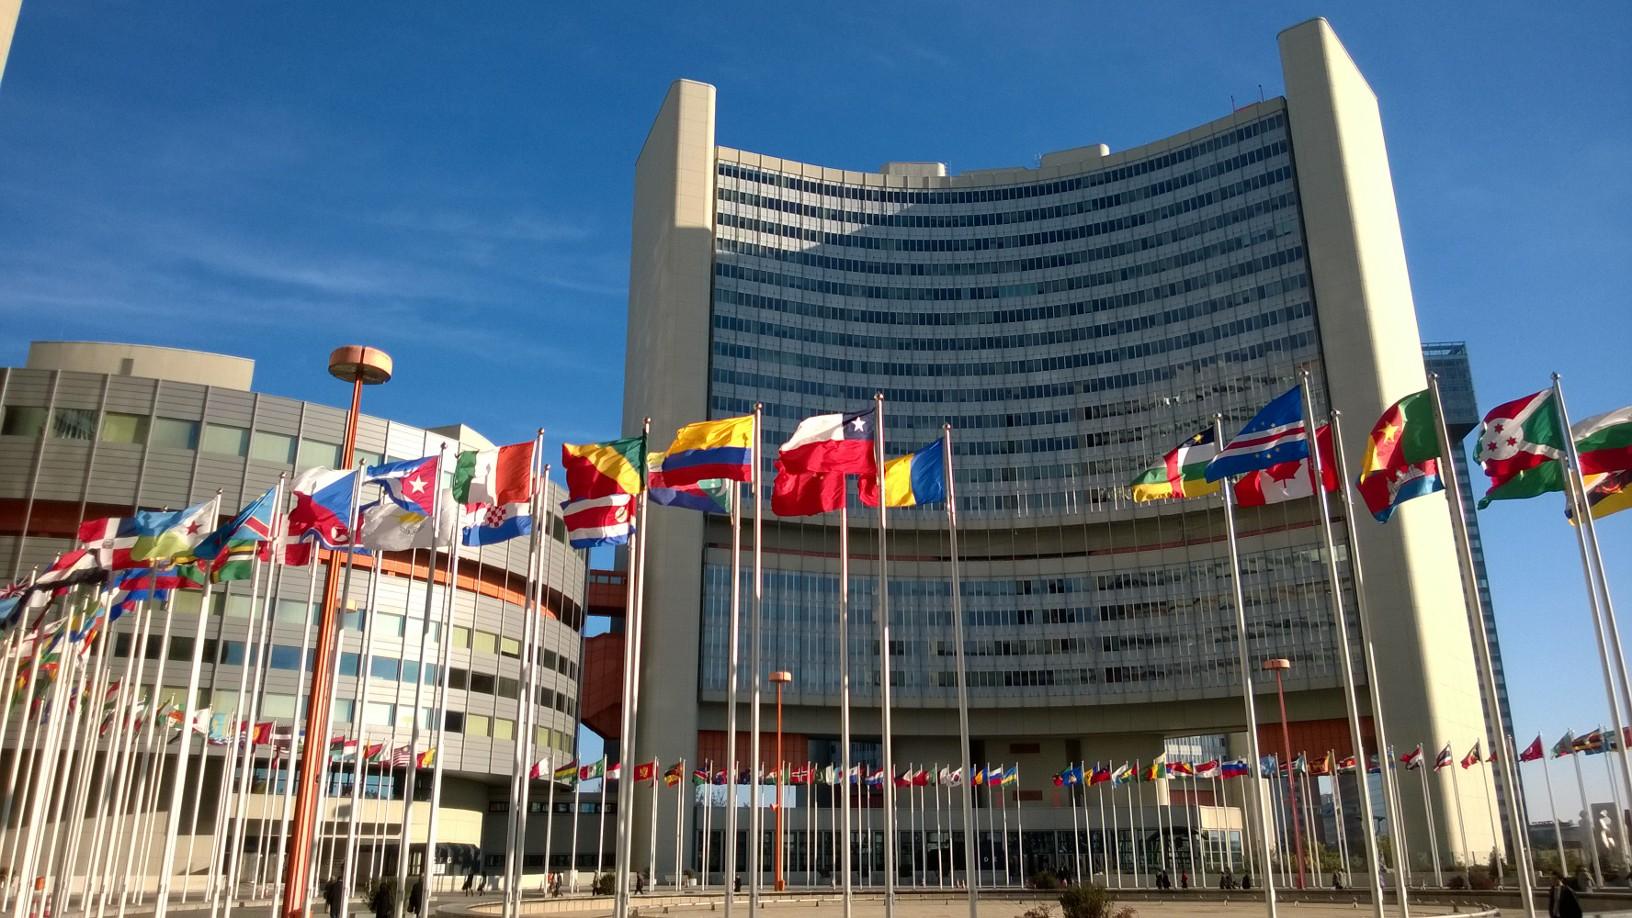 Wienin kansainvälinen keskus eli YK:n päämaja Wienissä. Kuva: Kirsti Pohjankukka